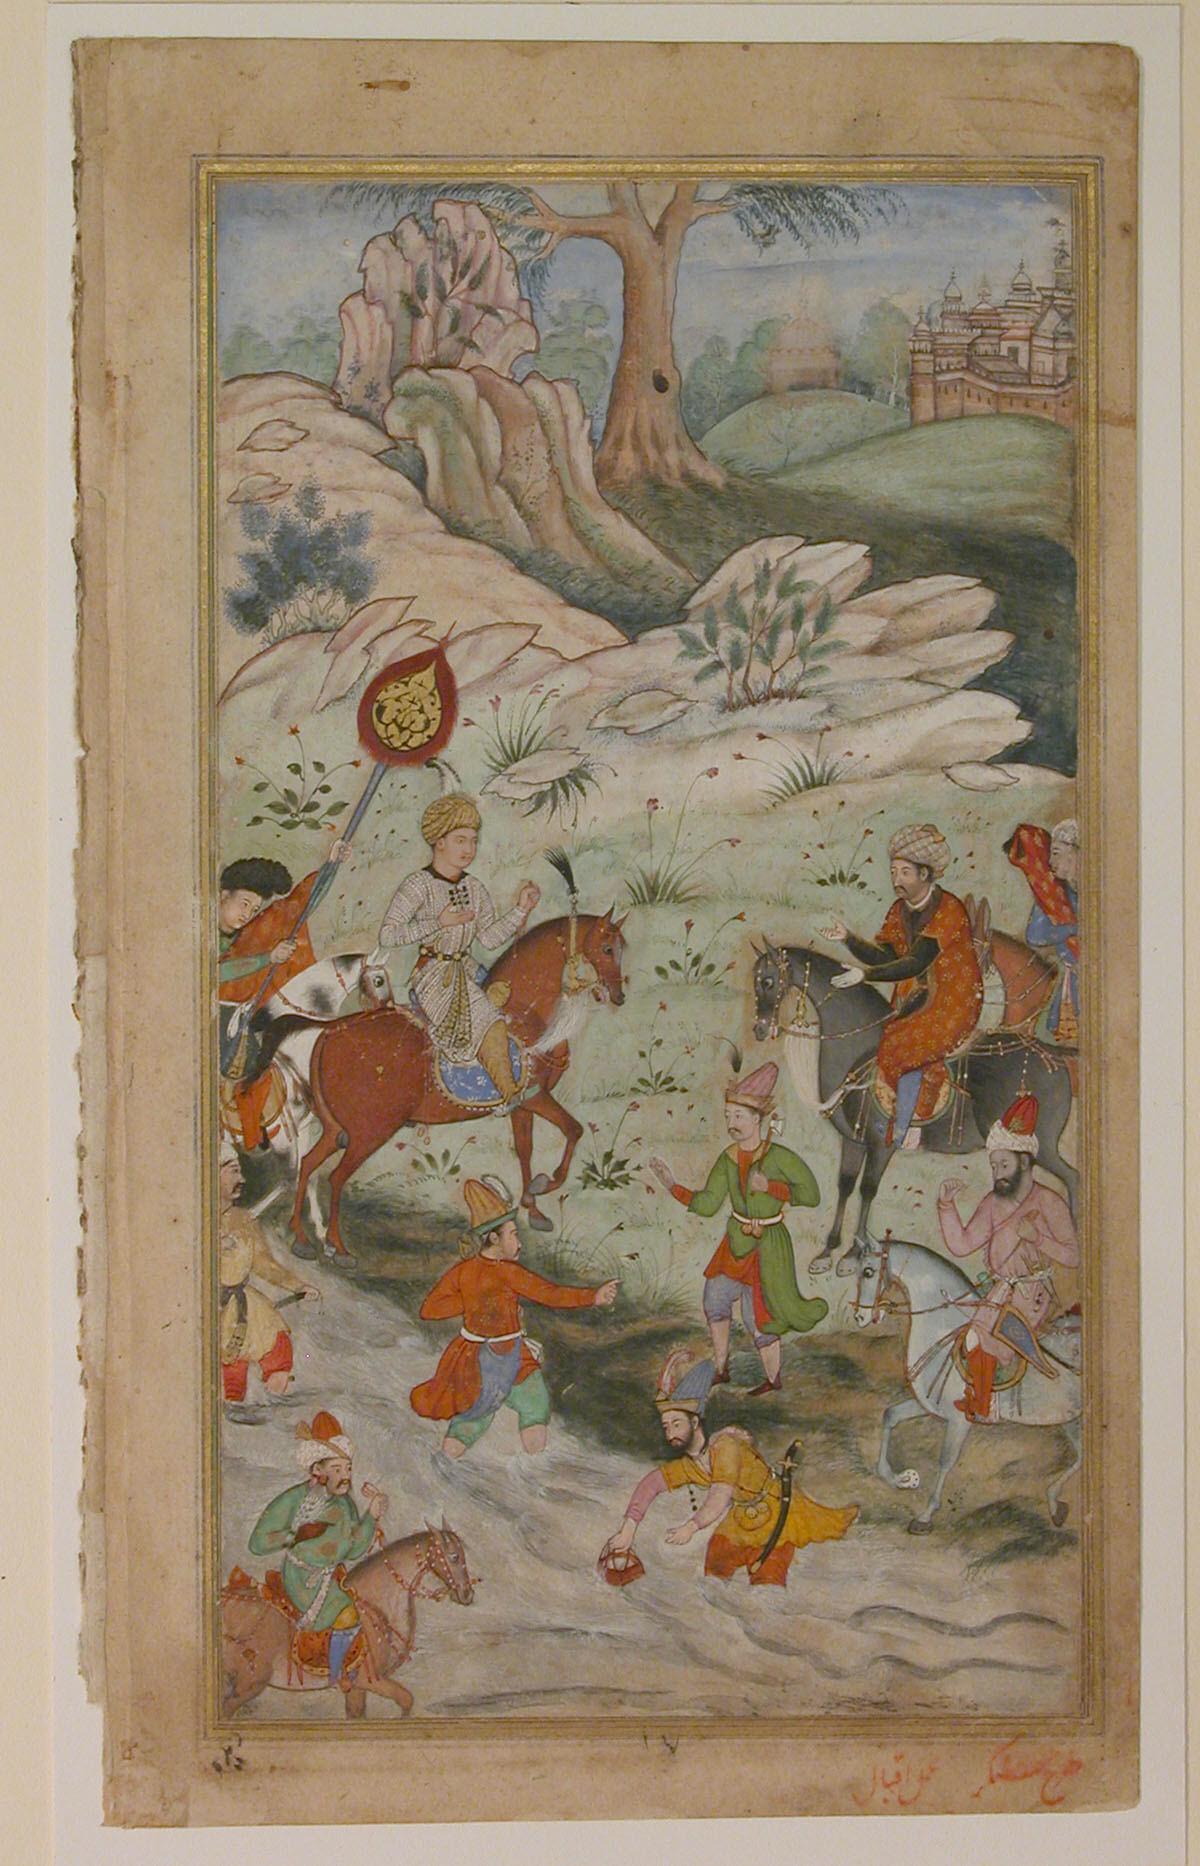 Meeting between Babur and Sultan Ali Mirza at Samarkand